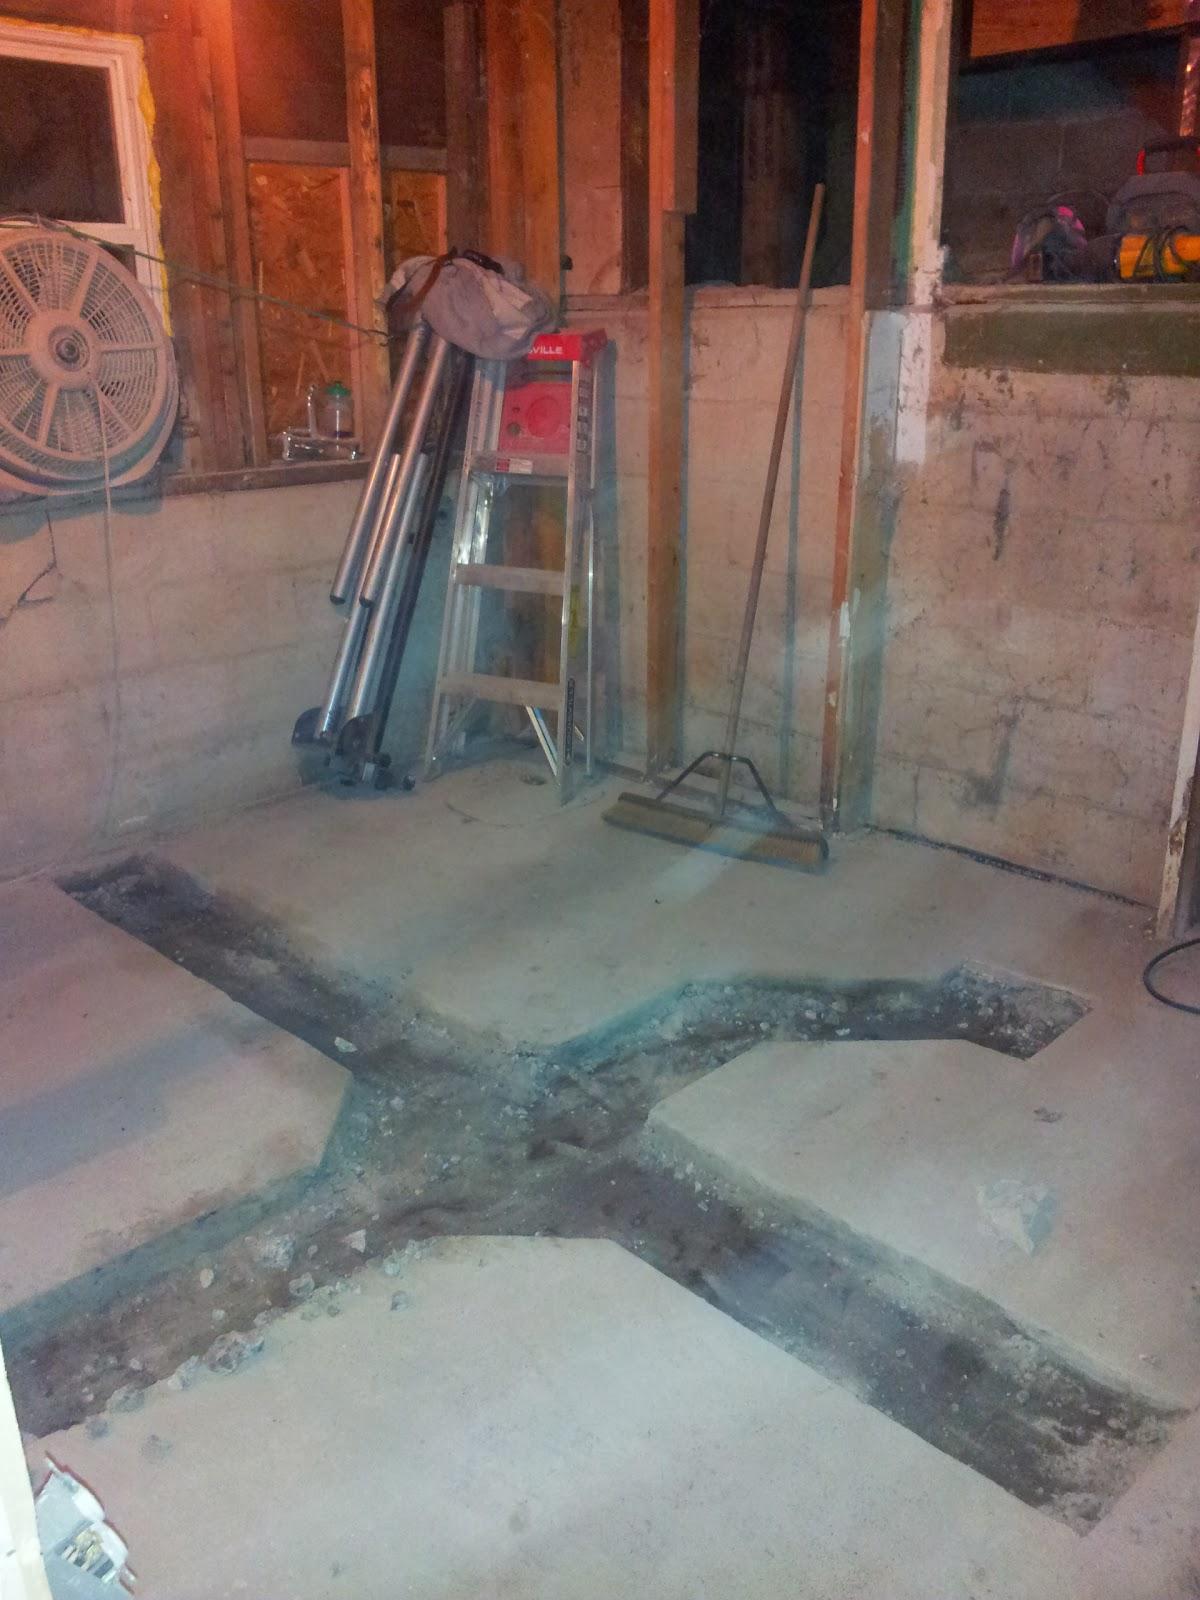 Pedal Petal Basement Remodel Plumbing Groundwork And Framing